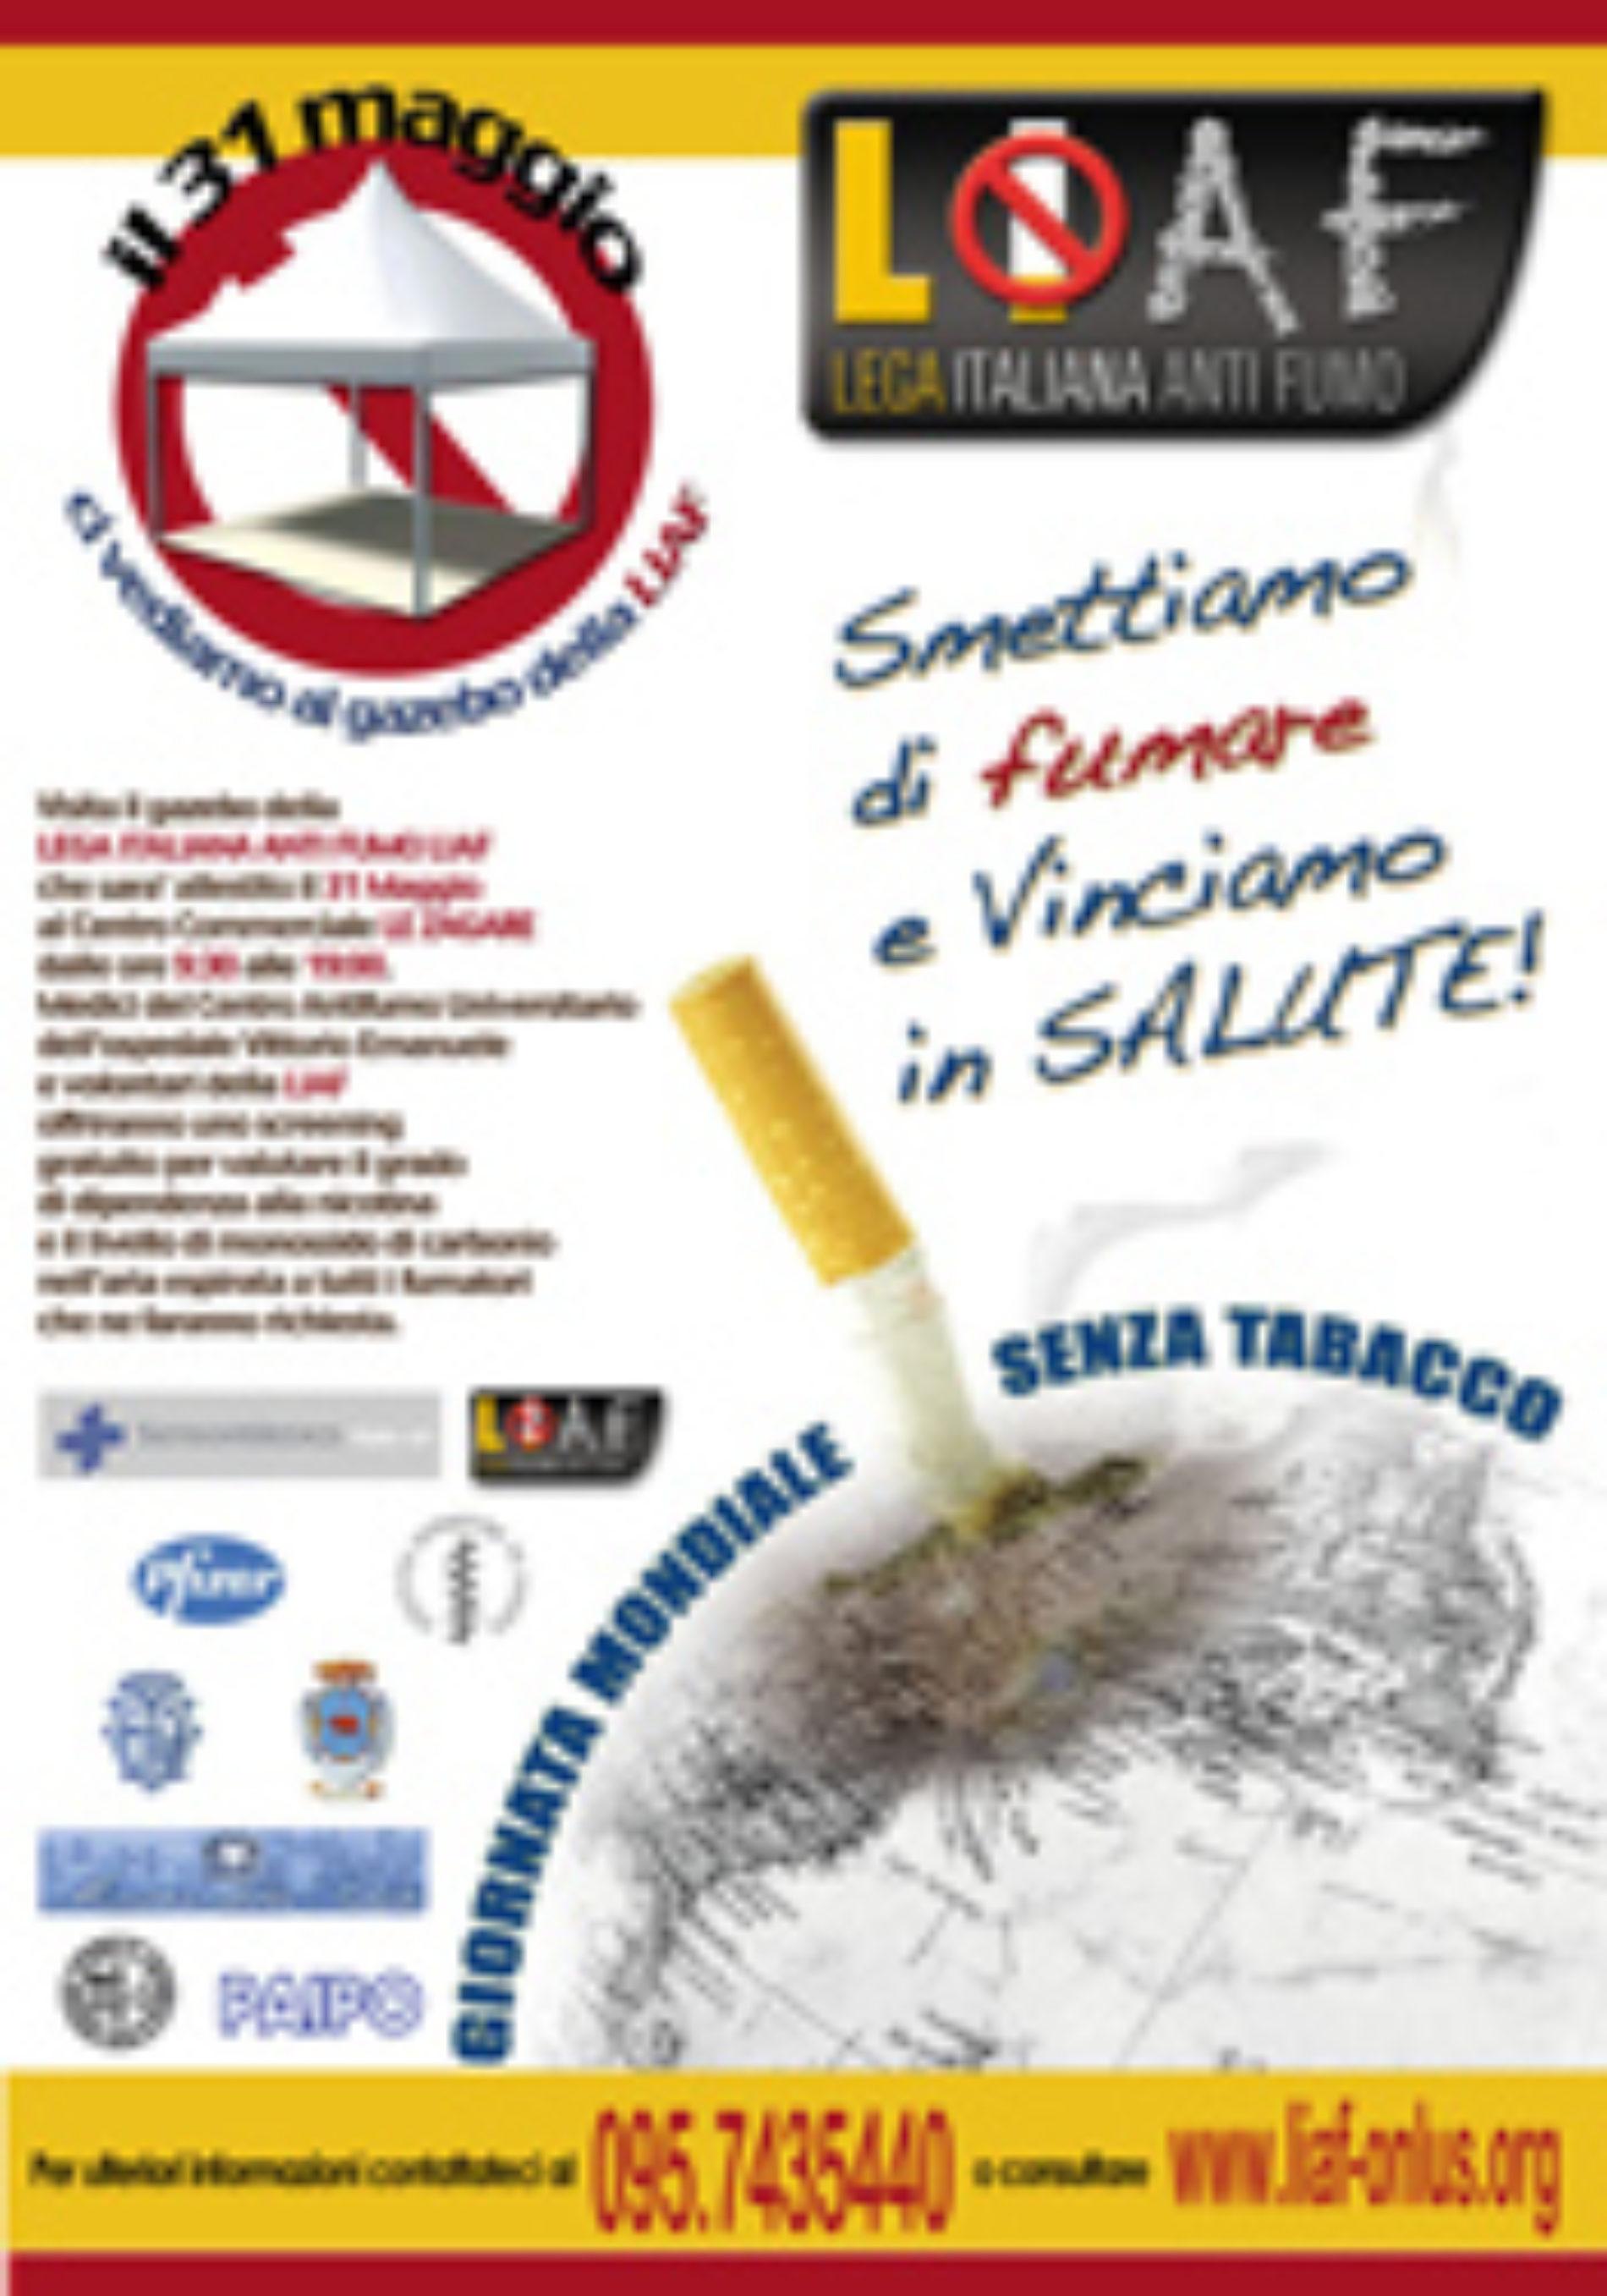 31 maggio 2008: Giornata mondiale senza tabacco a Catania